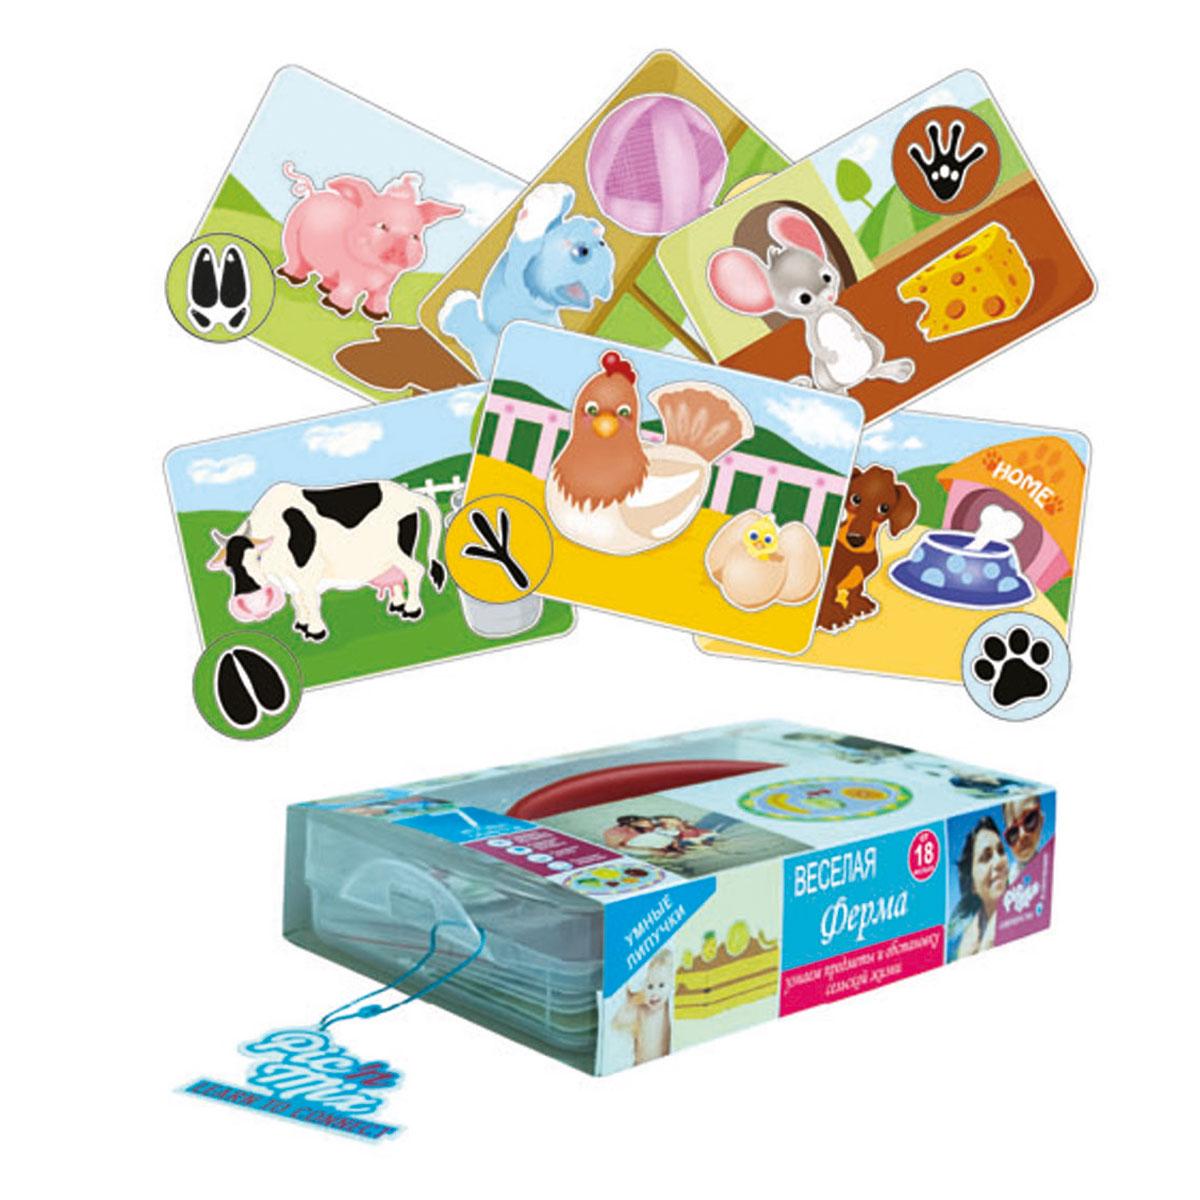 Picnmix Обучающая игра Веселая ферма112007Обучающая игра паззл-липучка состоит из 8 игровых полей, на которые необходимо прикрепить при помощи липучек недостающие элементы, чтобы получилось законченное изображение. Выполняя игровые задания, ребенок изучает названия домашних животных, а также их повадки. Развивает следующие навыки: логическое мышление, восприятие формы и цвета, зрительную память, речевое общение, мелкую моторику рук. Игра комплектуется инструкцией - методическим пособием, которая не только описывает правила игры, но и предлагает сценарий её проведения, который в форме увлекательных историй даёт ребенку информацию о некоторых домашних животных и учит определять их по внешнему виду и повадкам. После того как малыш выполнит все игровые задания, он сможет не только назвать домашних животных, но и рассказать вам об их повадках, а также определить их по следам. Игра может также использоваться в процессе обучения иностранному языку.